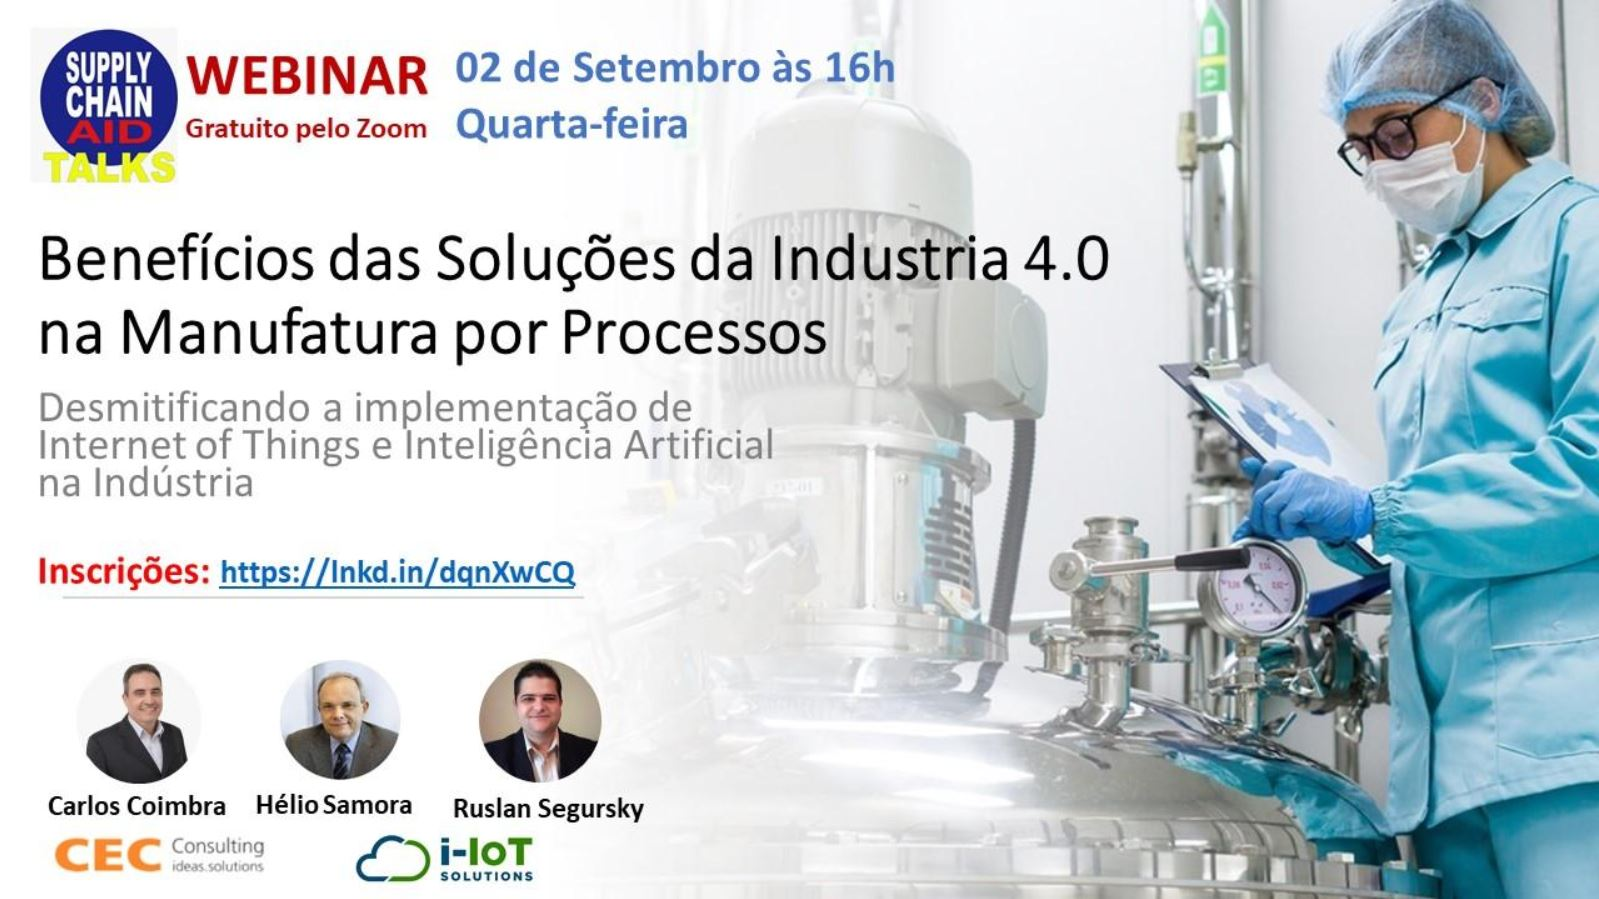 Benefícios das Soluções de Industria 4.0 para Manufatura por Processos